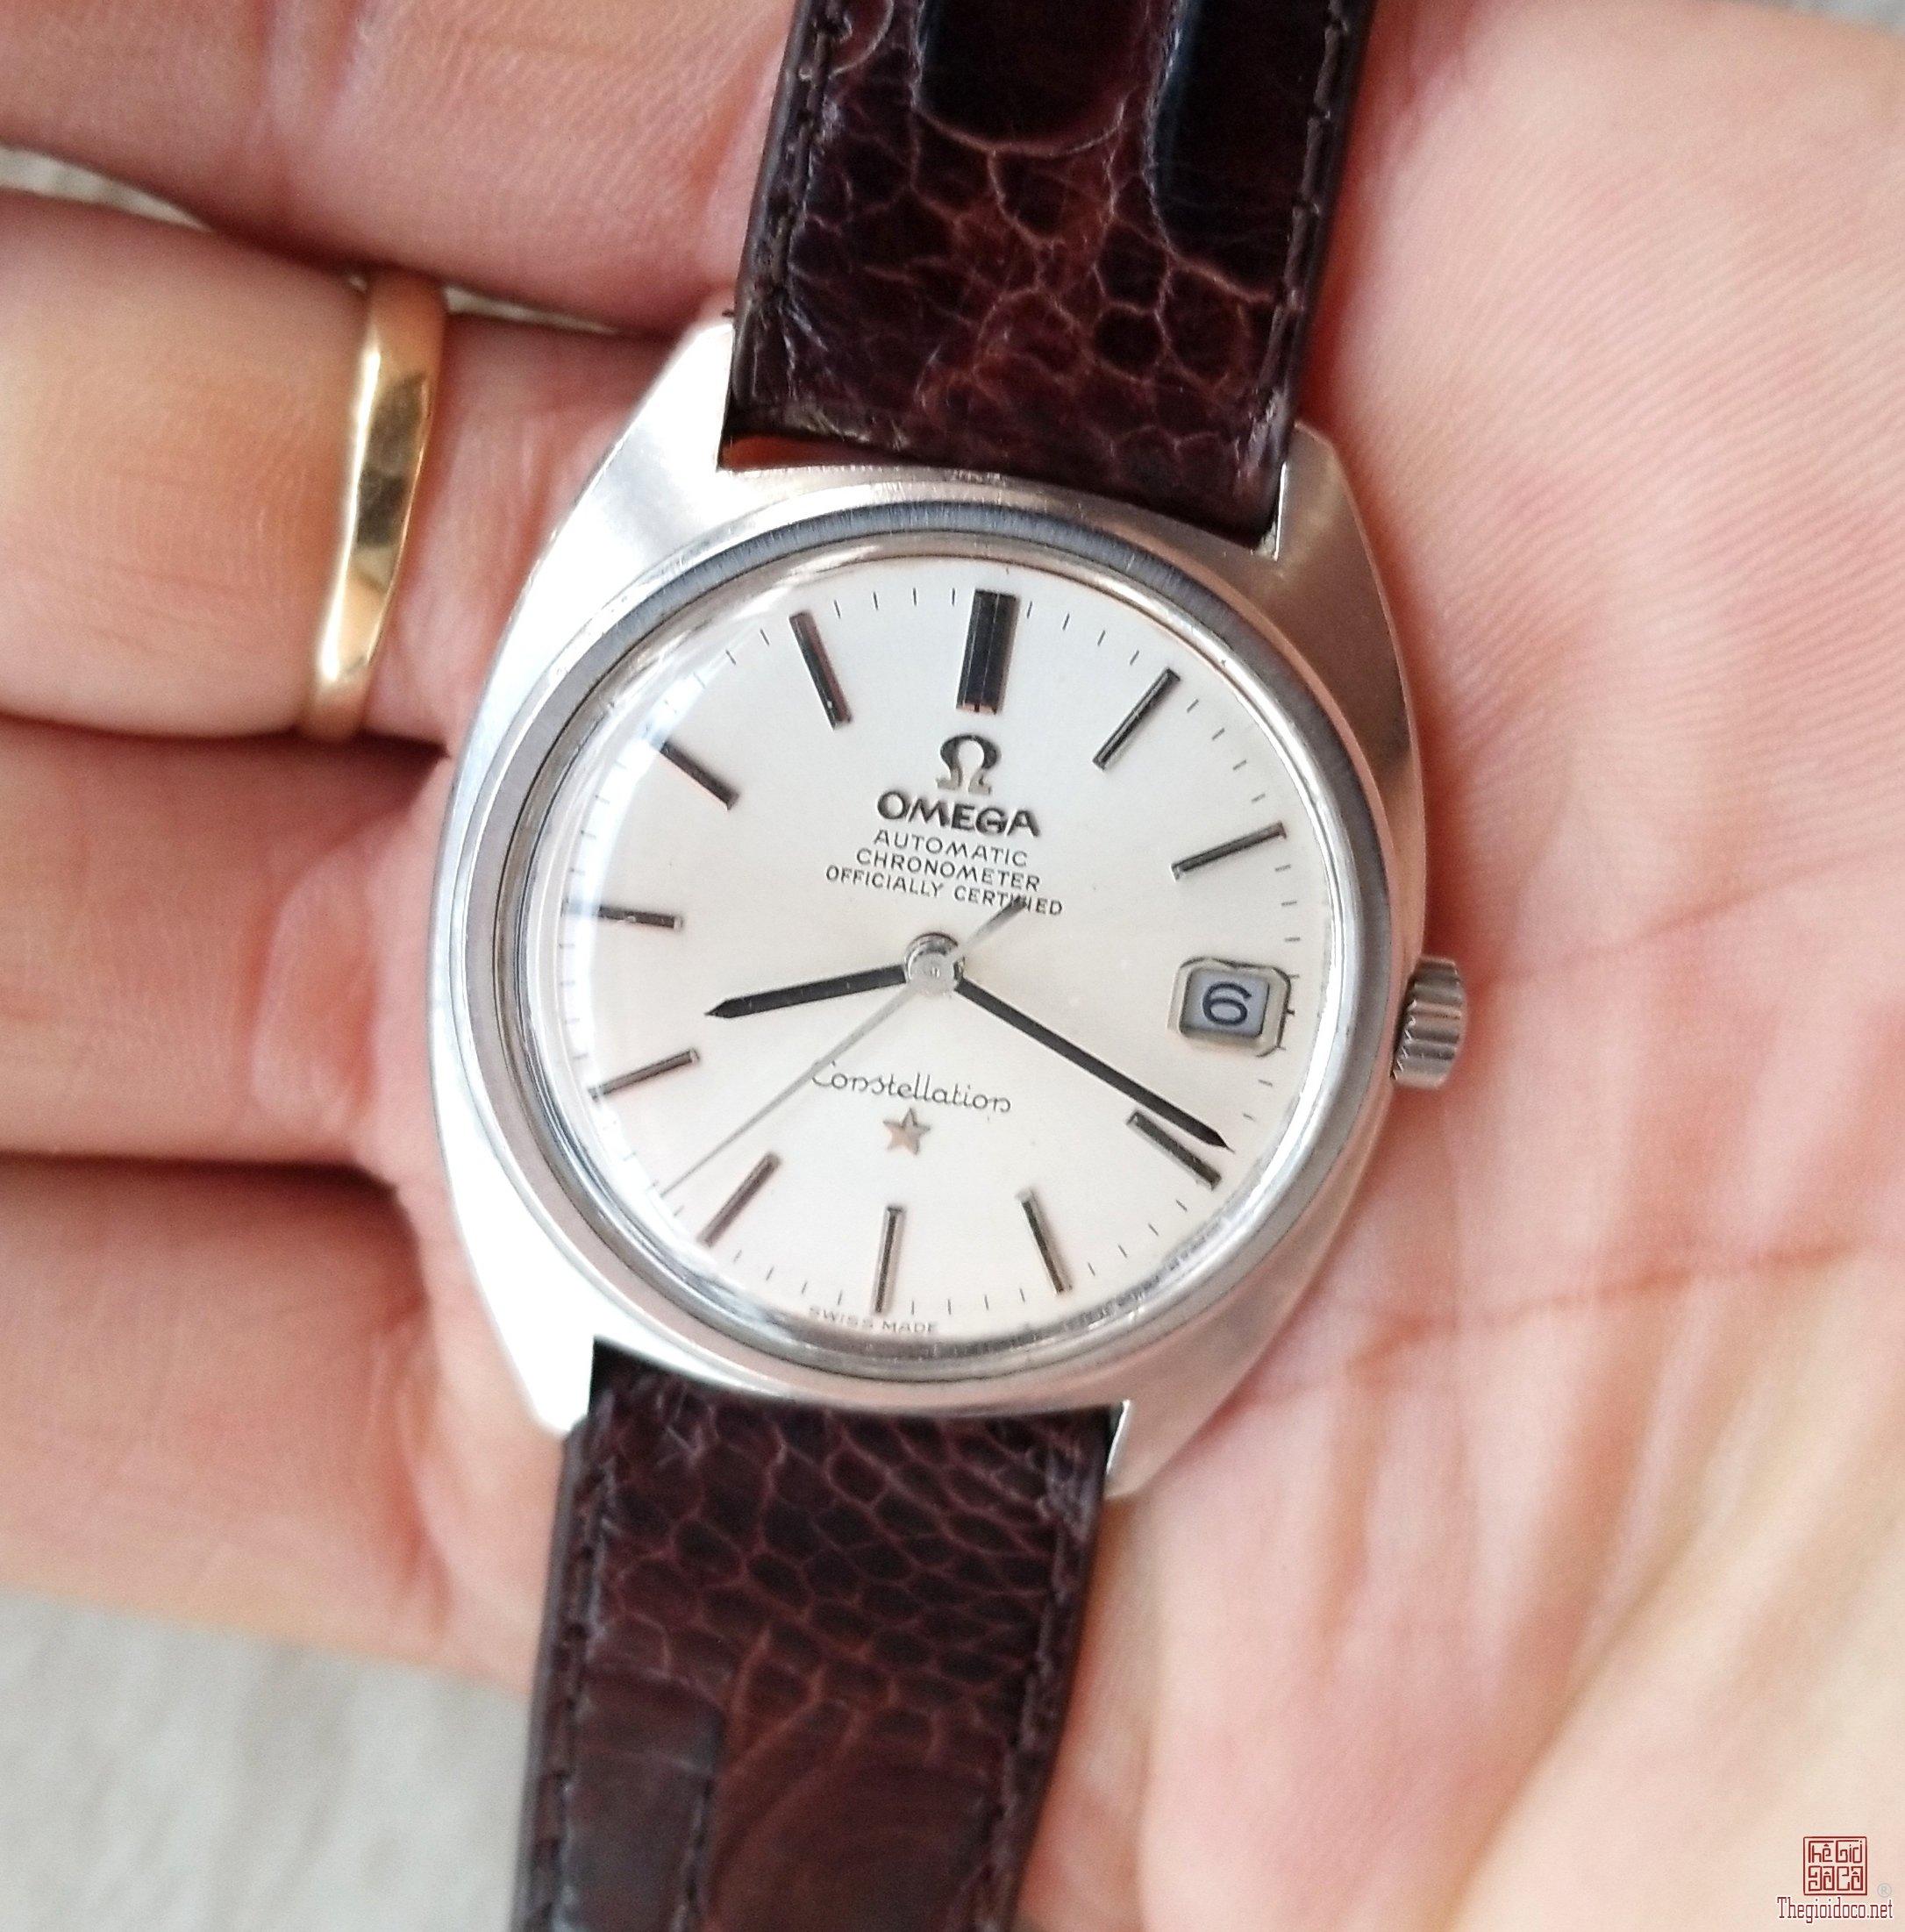 Đồng hồ xưa tự động OMEGA CONSTELLATION Thụy Sỹ